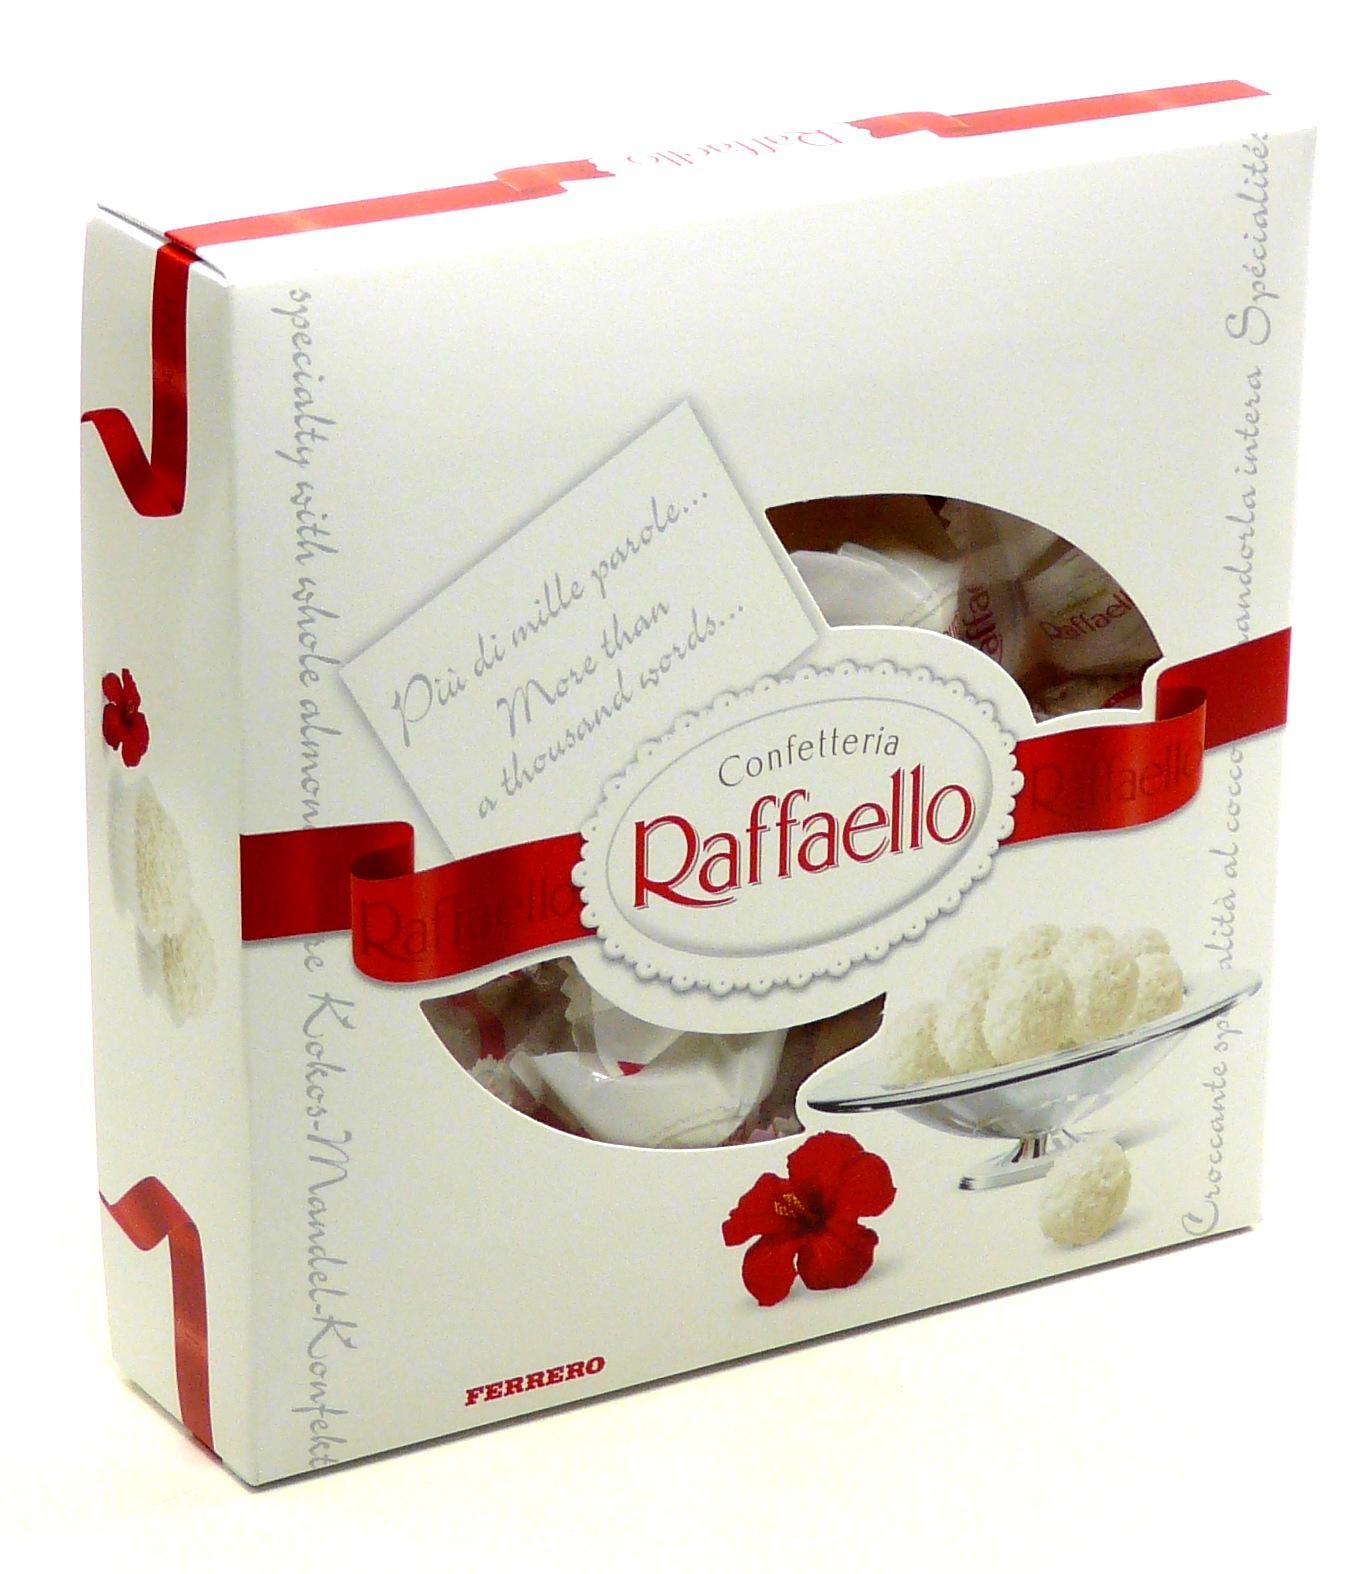 Конфеты raffaello коробка